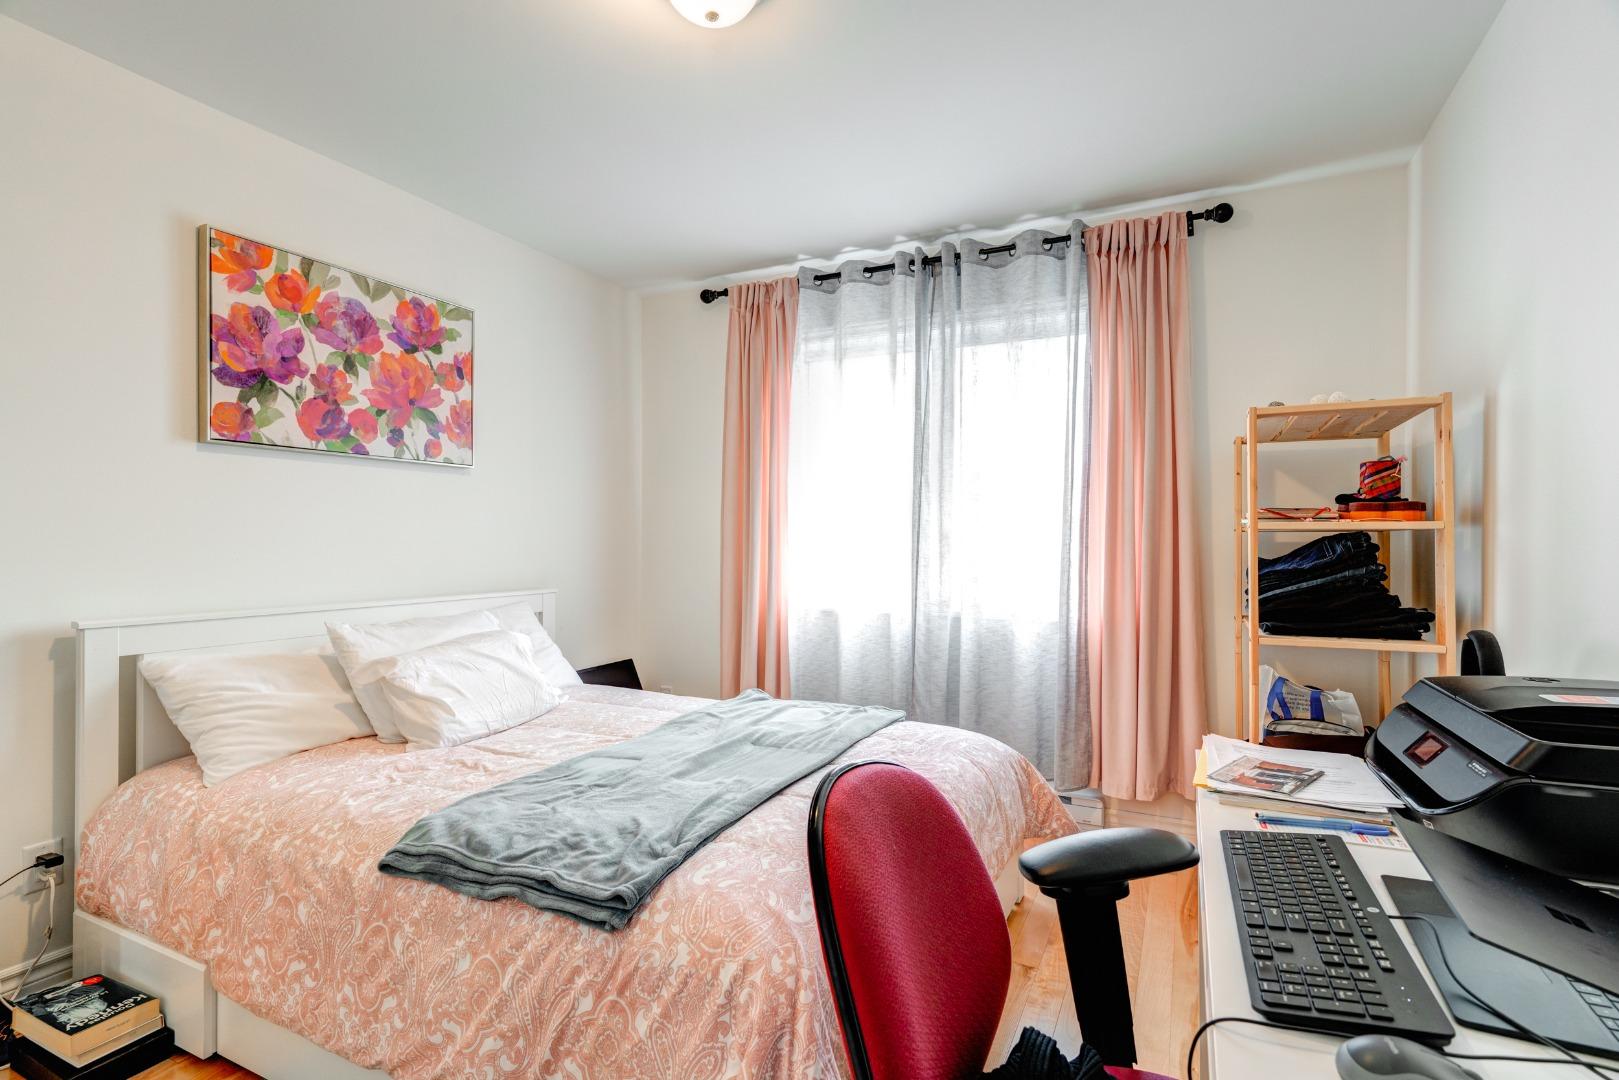 immophoto_-_Appartement_-_7074_de_Lorimier_-_es-14.jpg